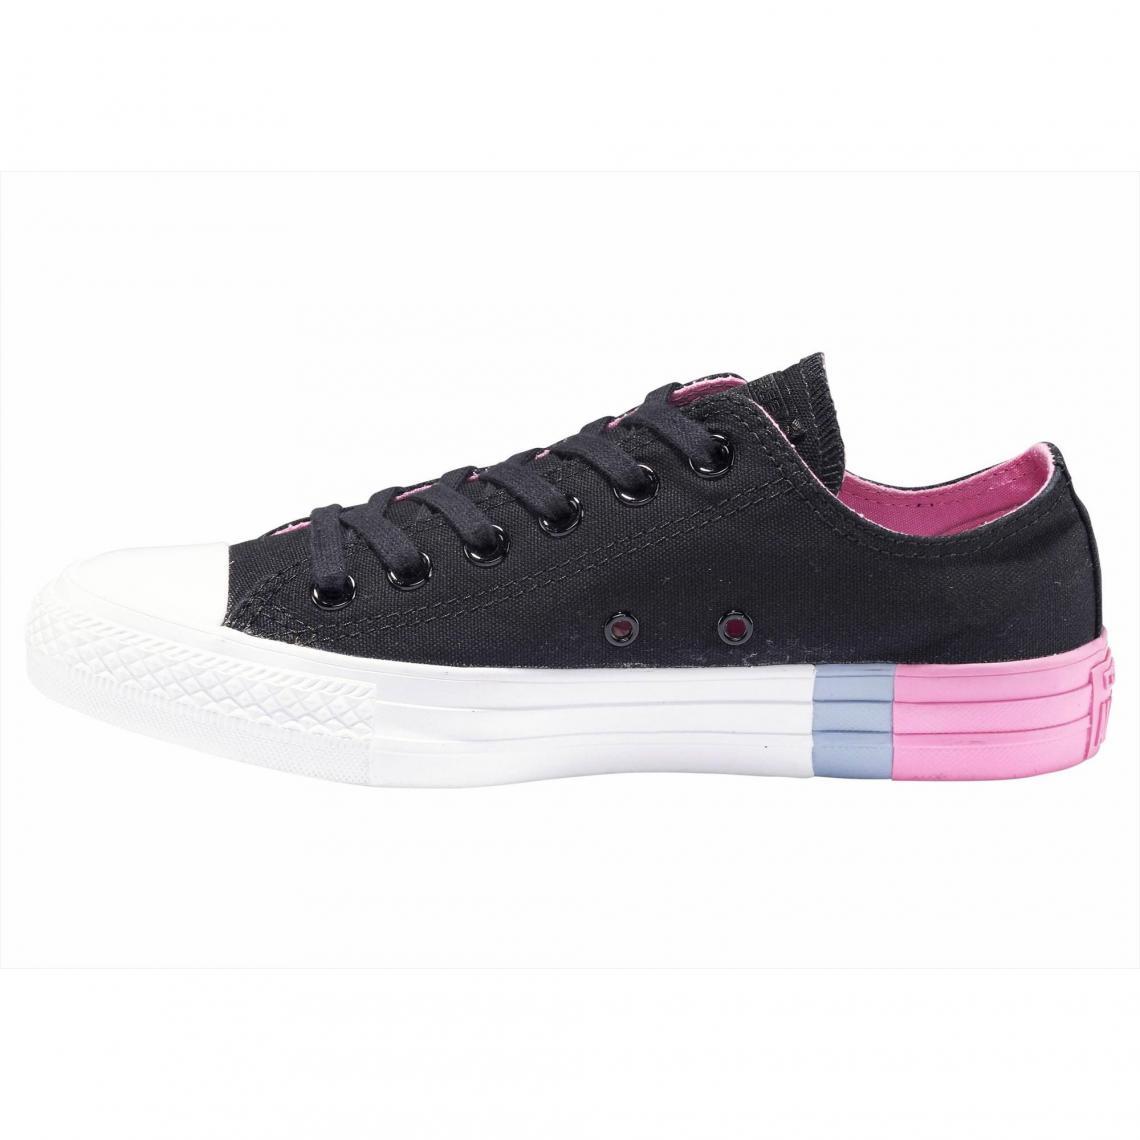 d419160af68 Sneakers Converse Cliquez l image pour l agrandir. Baskets basses femme  Converse Chuck Taylor All Star Ox Colorblock - Noir ...